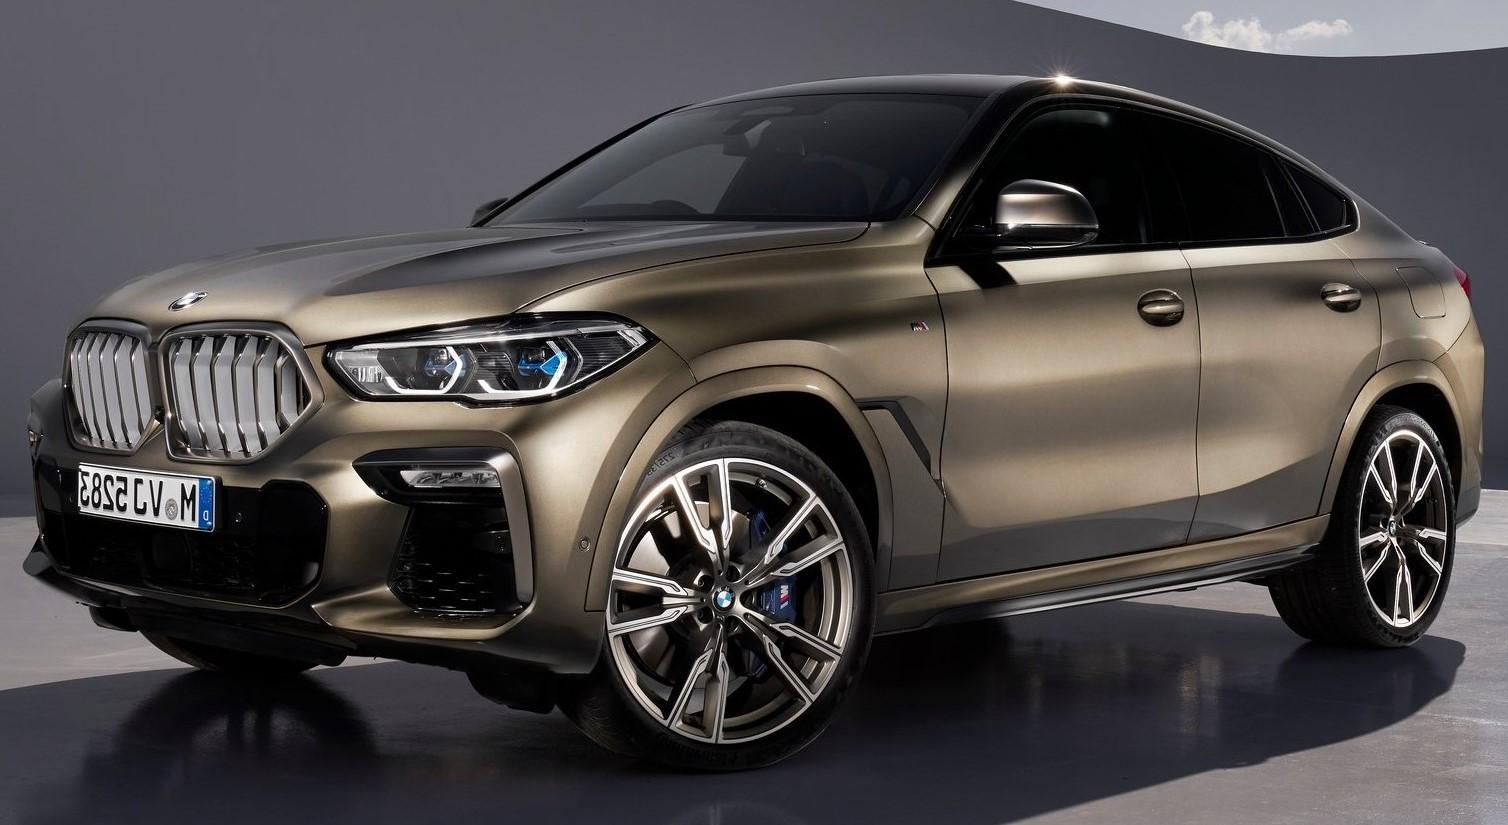 إنطلاق BMW X6 M50i الجديدة كلياً بمحرك V8 بقوة 530 حصان وسعر 2.225 مليون جنيه